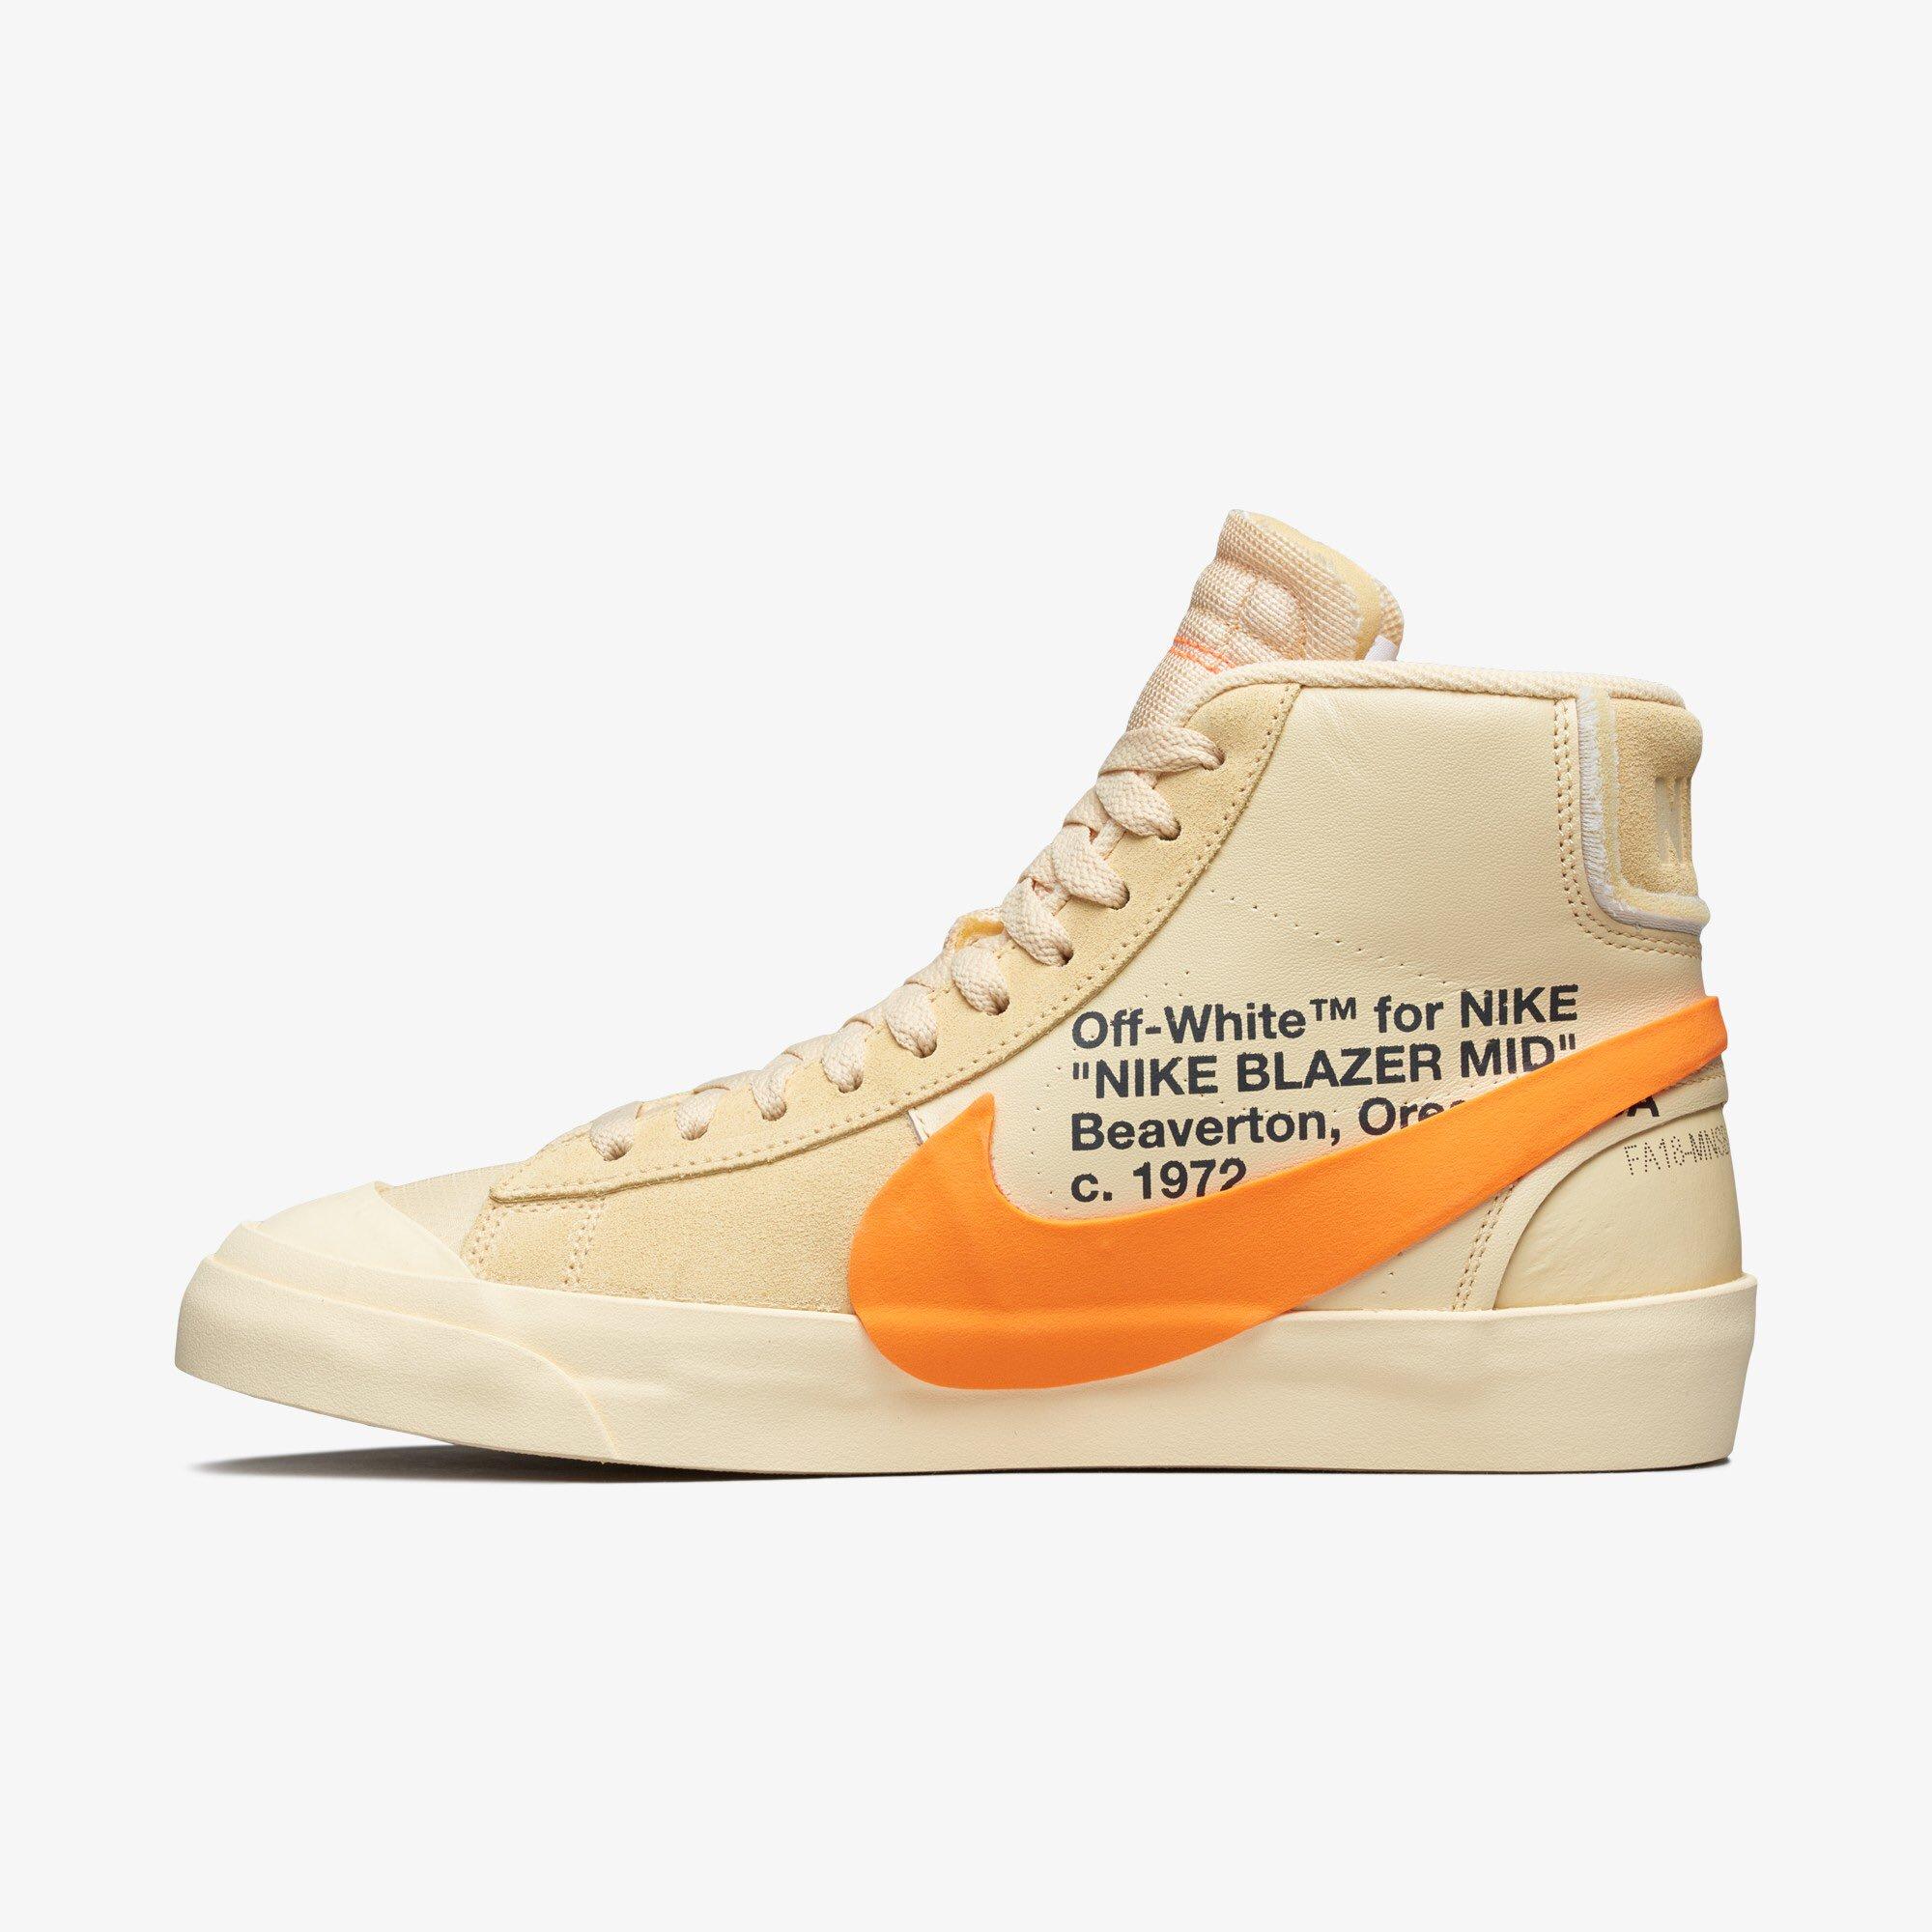 2e9c9eaf34db8 Sneaker Bar Detroit on Twitter: